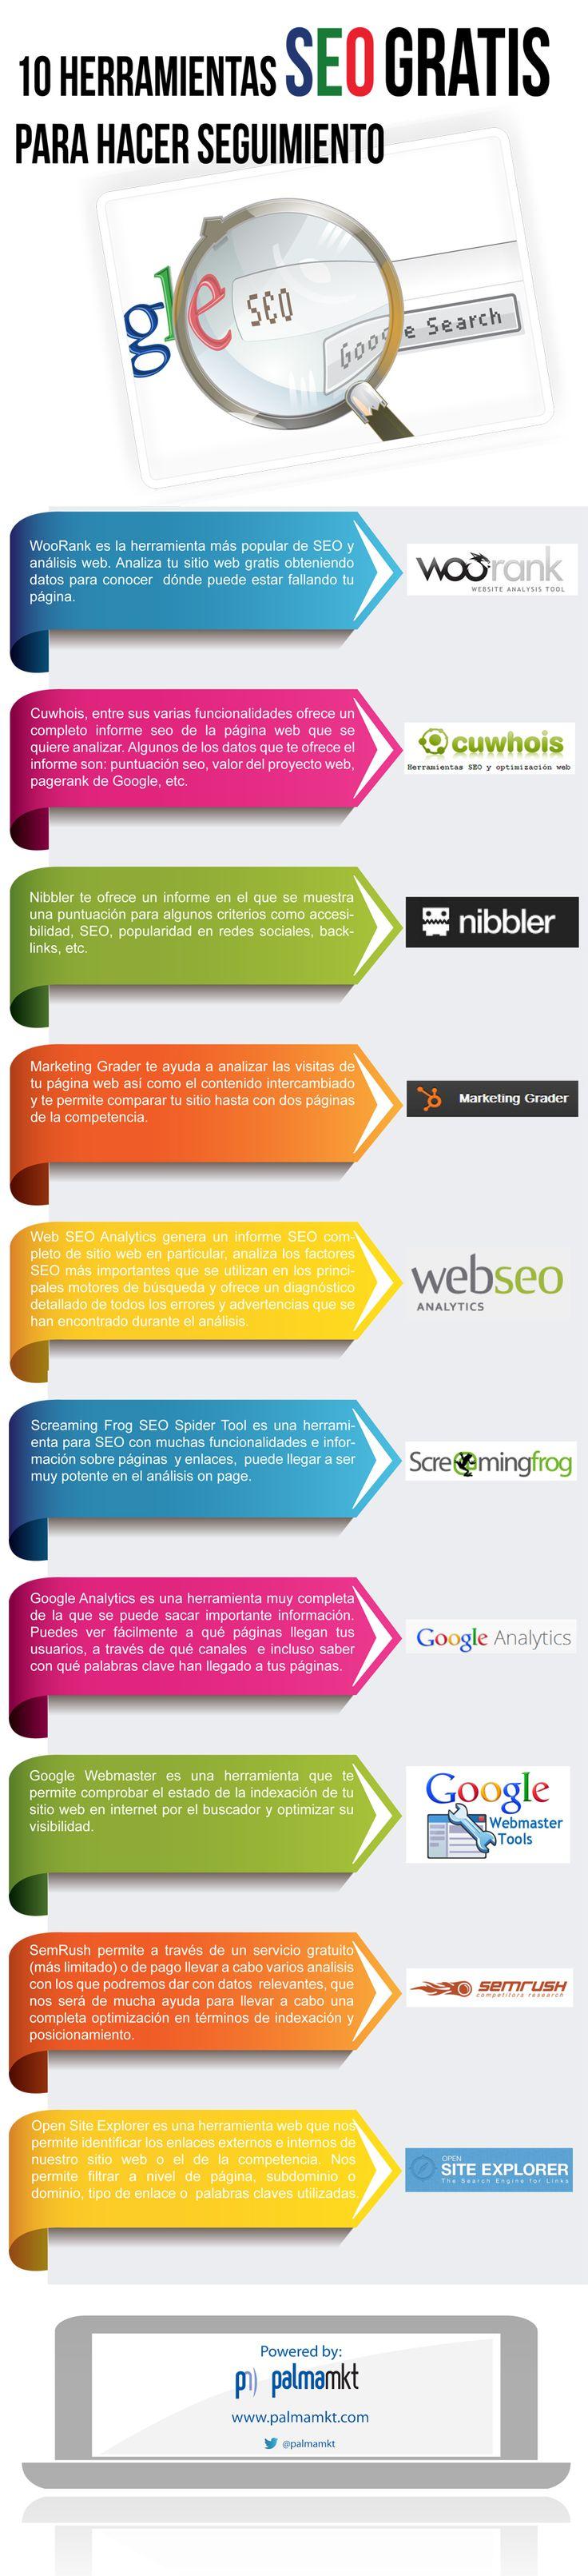 #Infografia 10 herramientas para realizar seguimiento #SEO gratis. #TAVnews